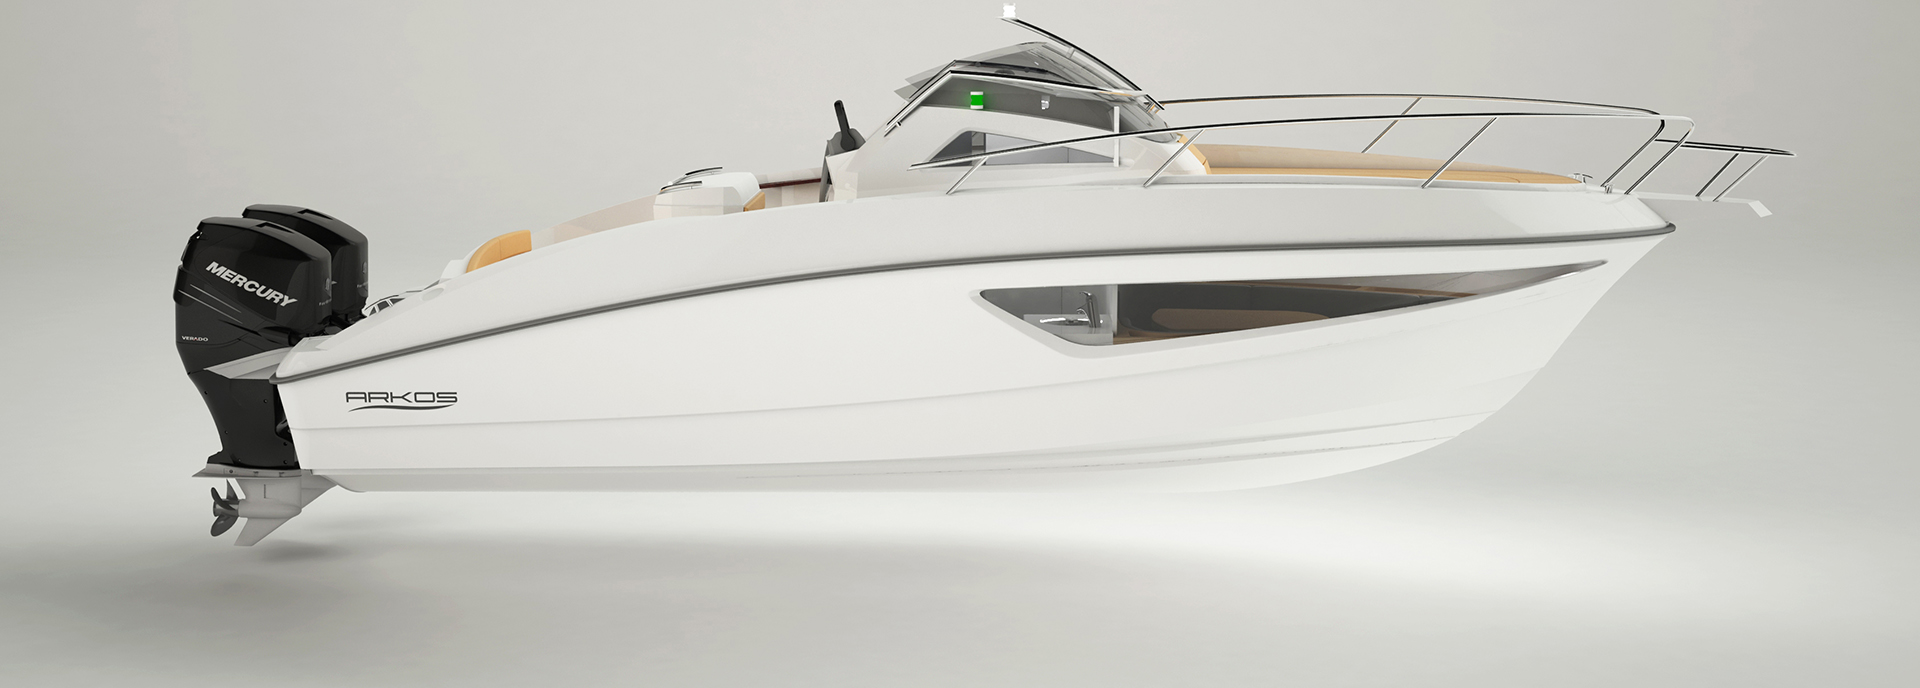 1920x1080_boat737